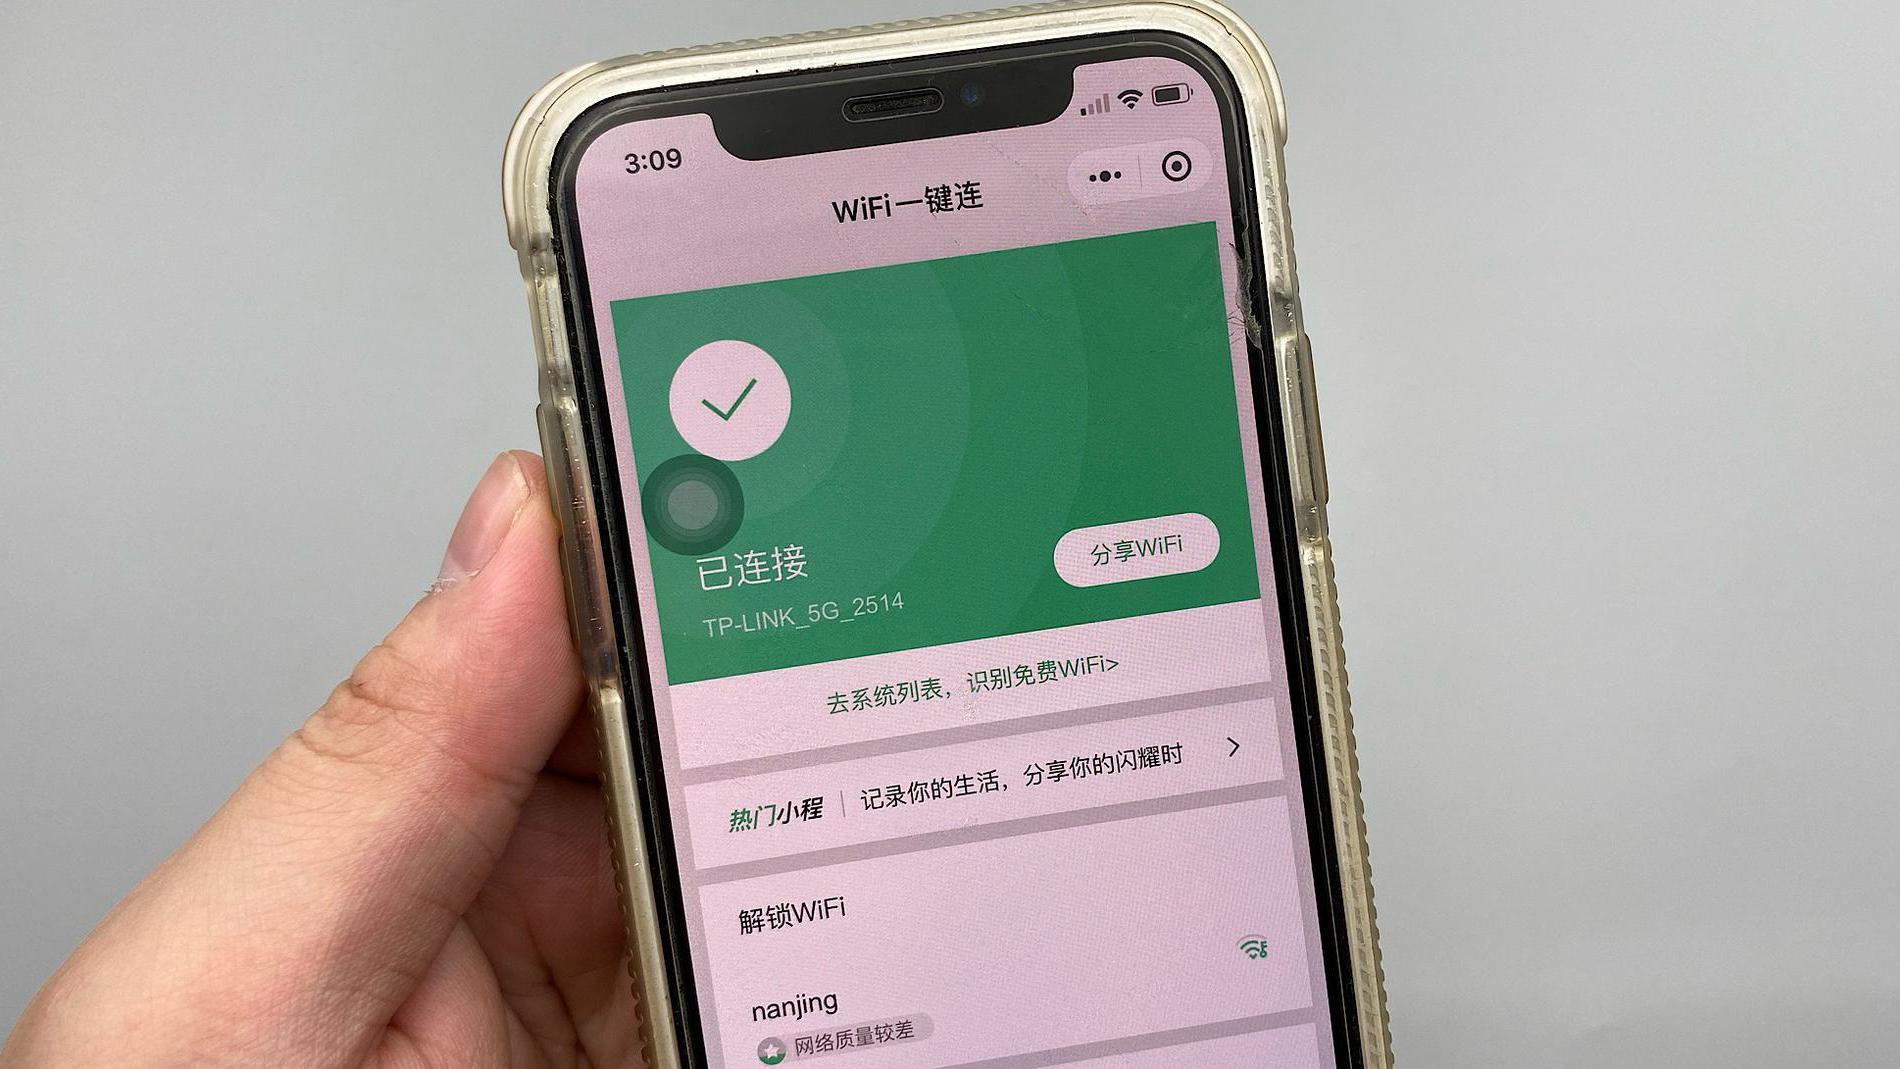 原来打开微信这个功能,能一键连接Wifi,不用任何密码,快试试